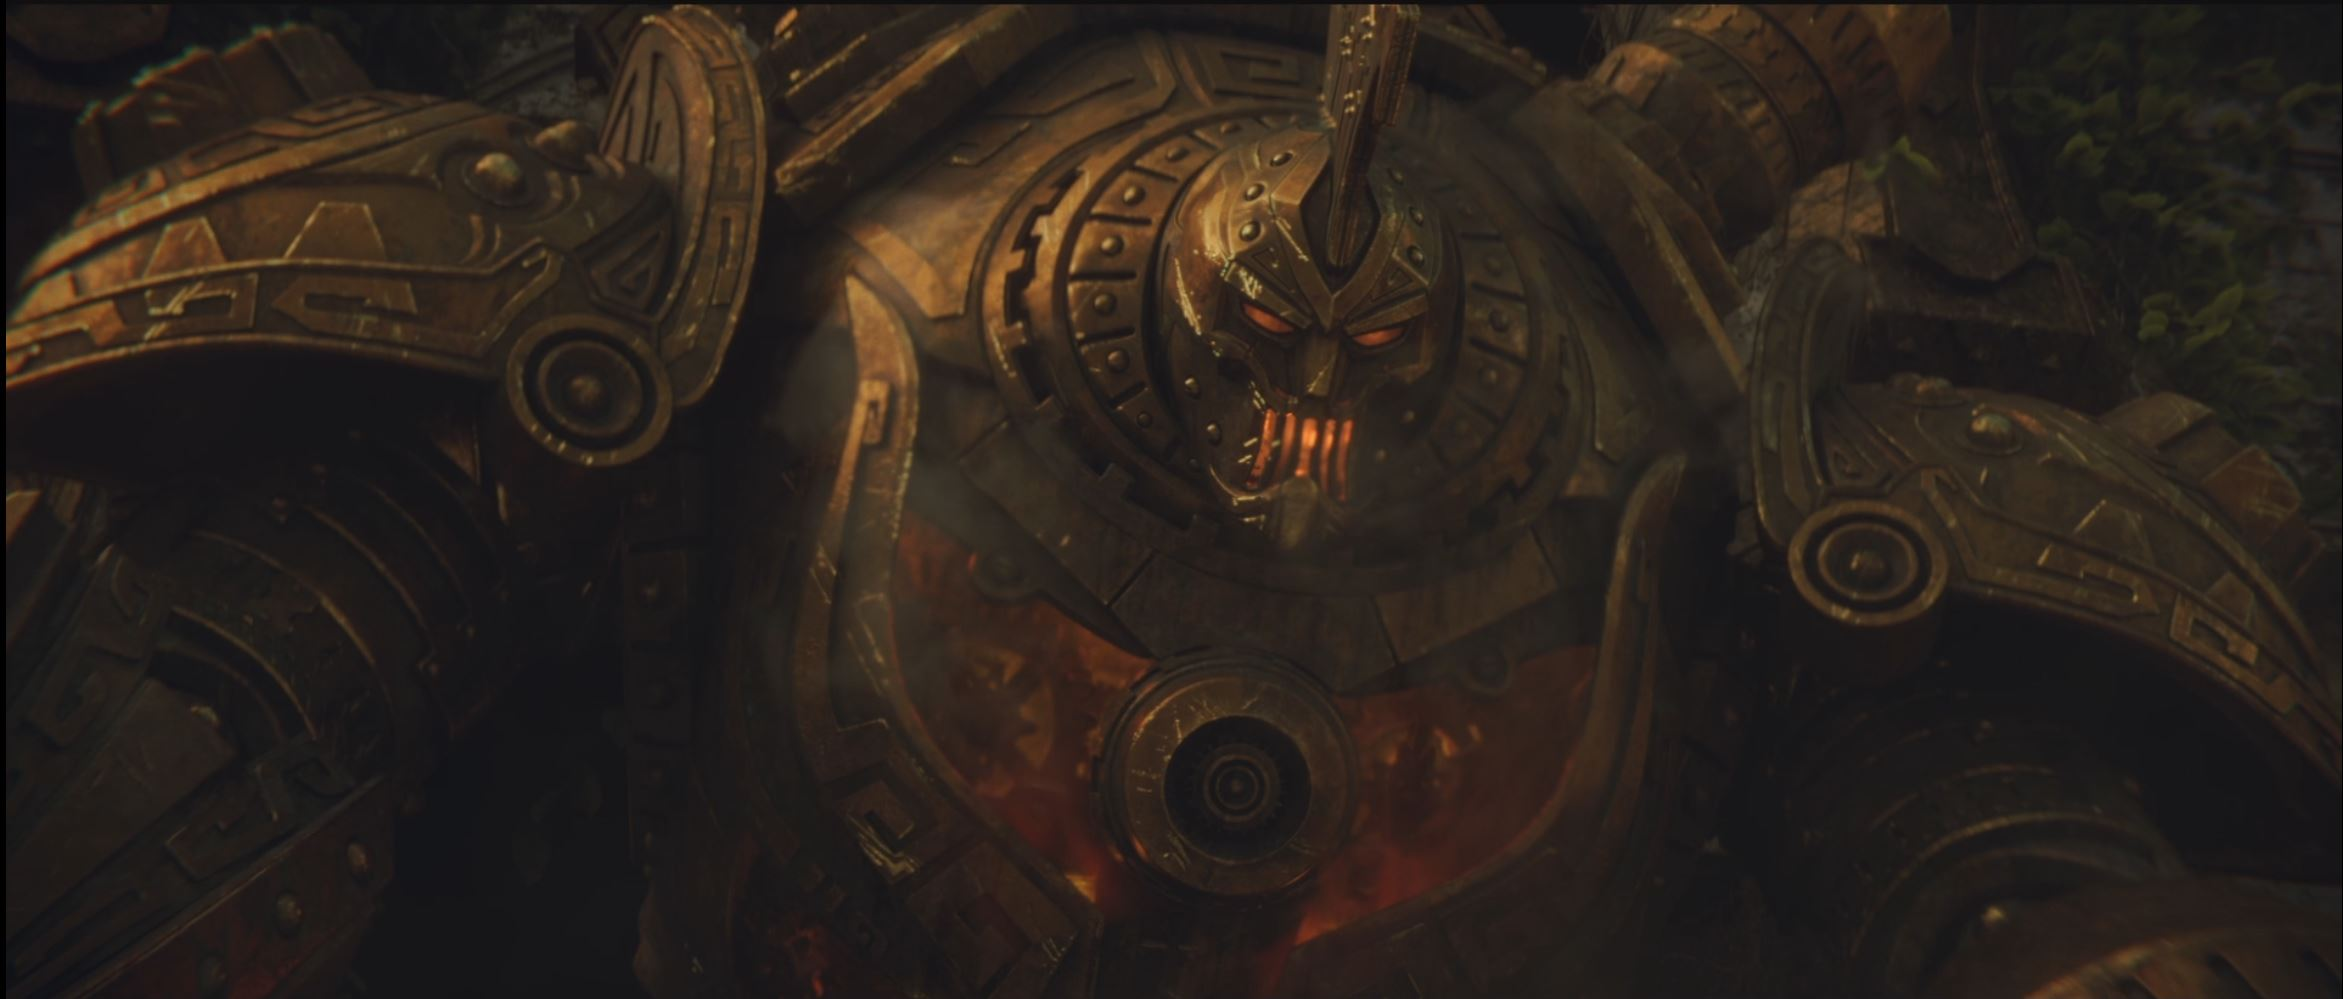 ESO Morrowind Trailerscreen01